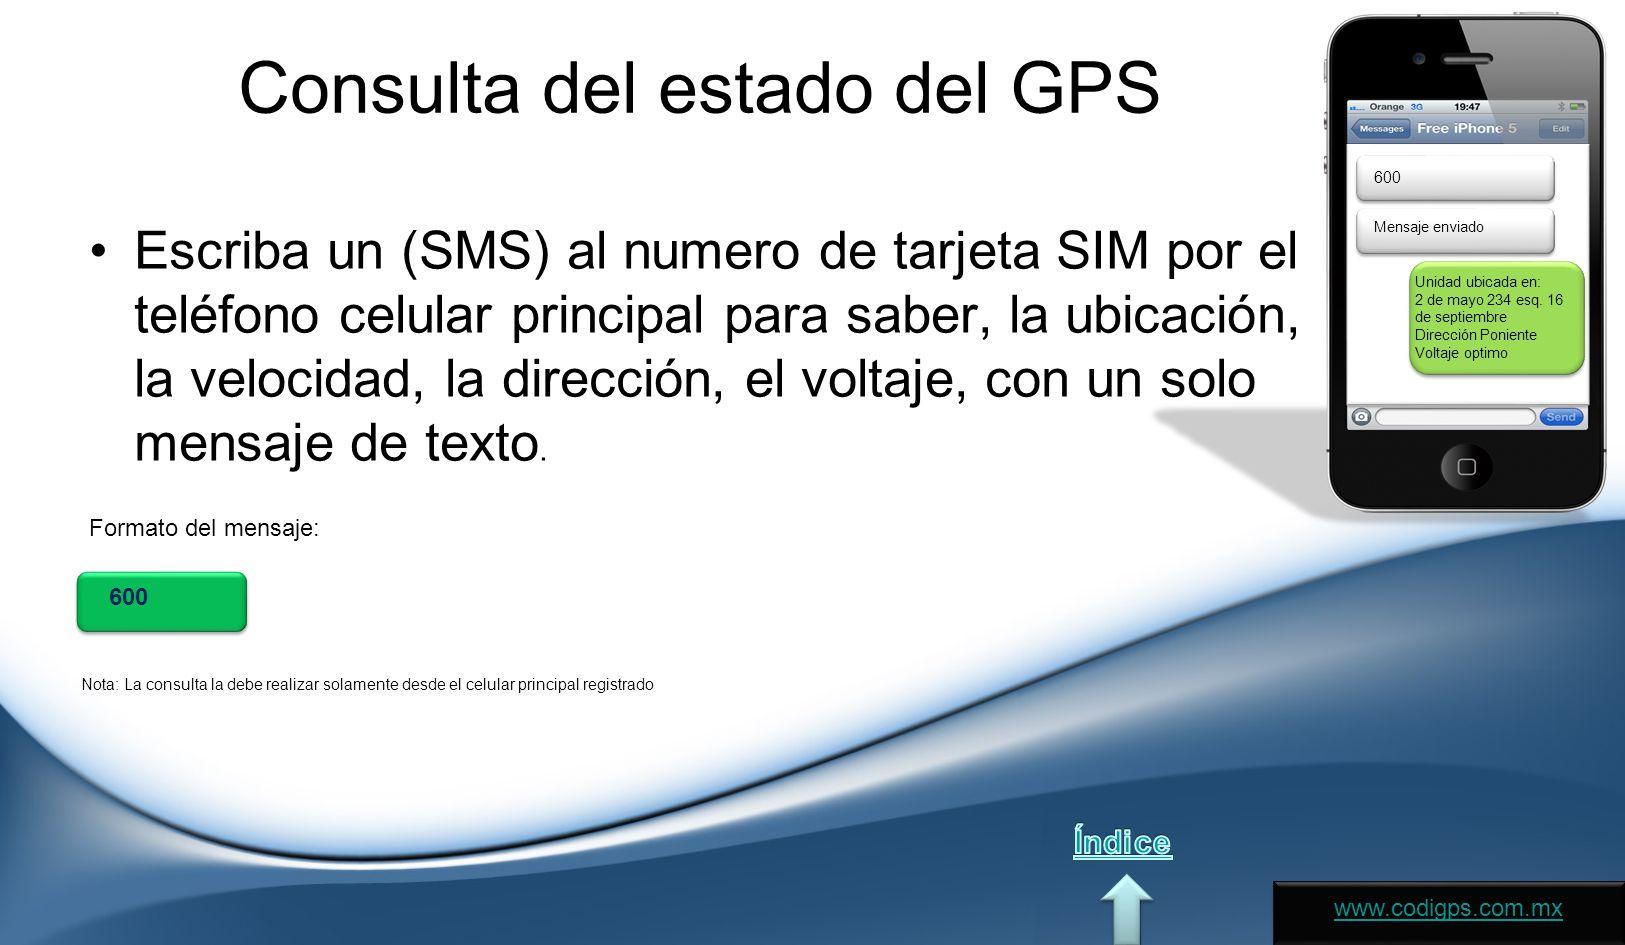 Consulta del estado del GPS Escriba un (SMS) al numero de tarjeta SIM por el teléfono celular principal para saber, la ubicación, la velocidad, la dirección, el voltaje, con un solo mensaje de texto.